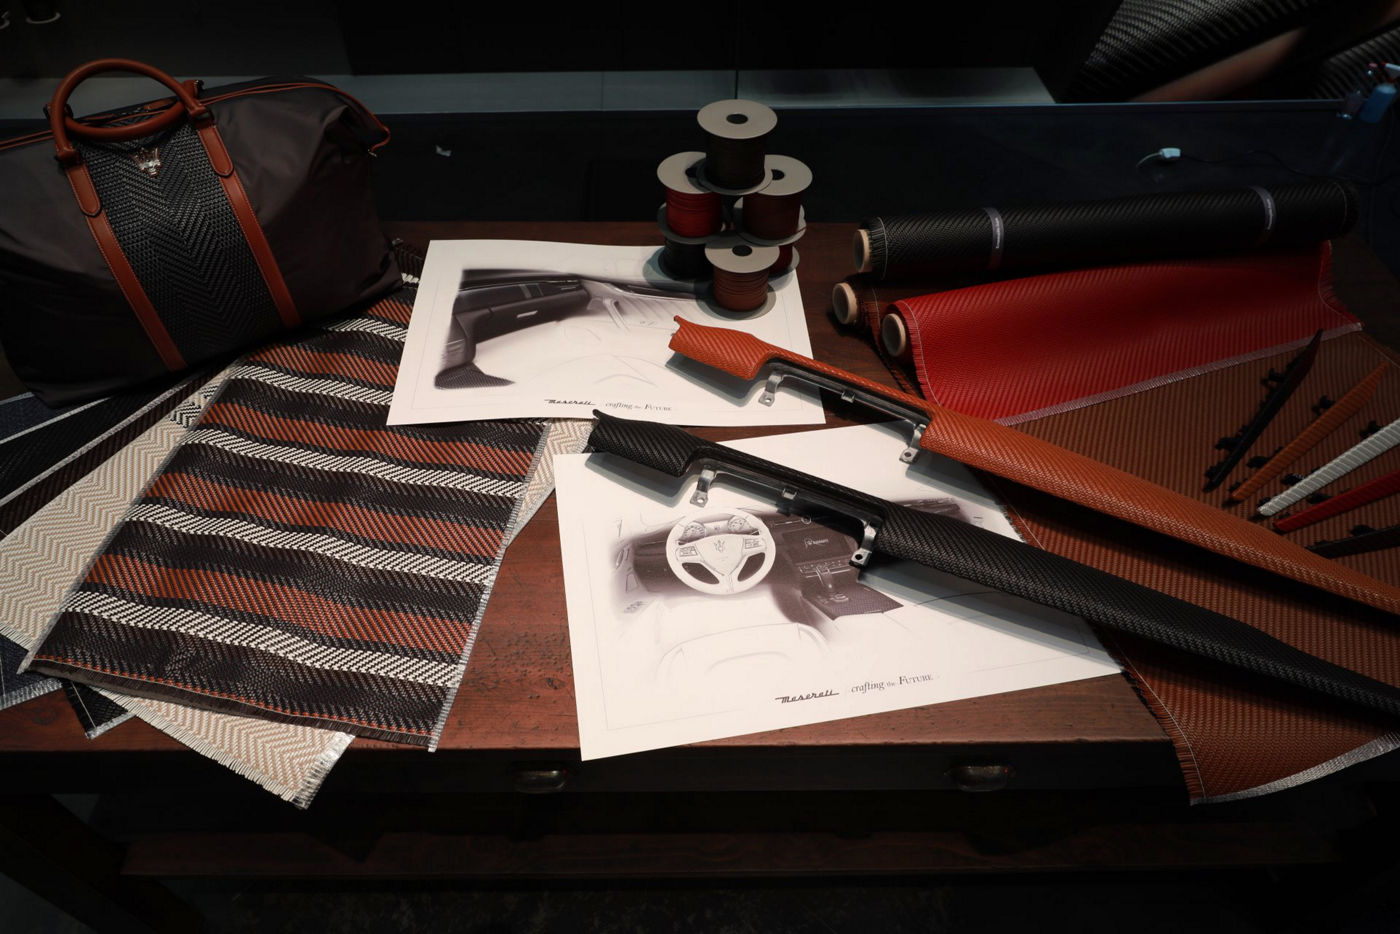 Maserati Crafting Italian Experiences: Fahrzeuginnenausstattung PELLETESSUTA™ in der Boutique Ermenegildo Zegna